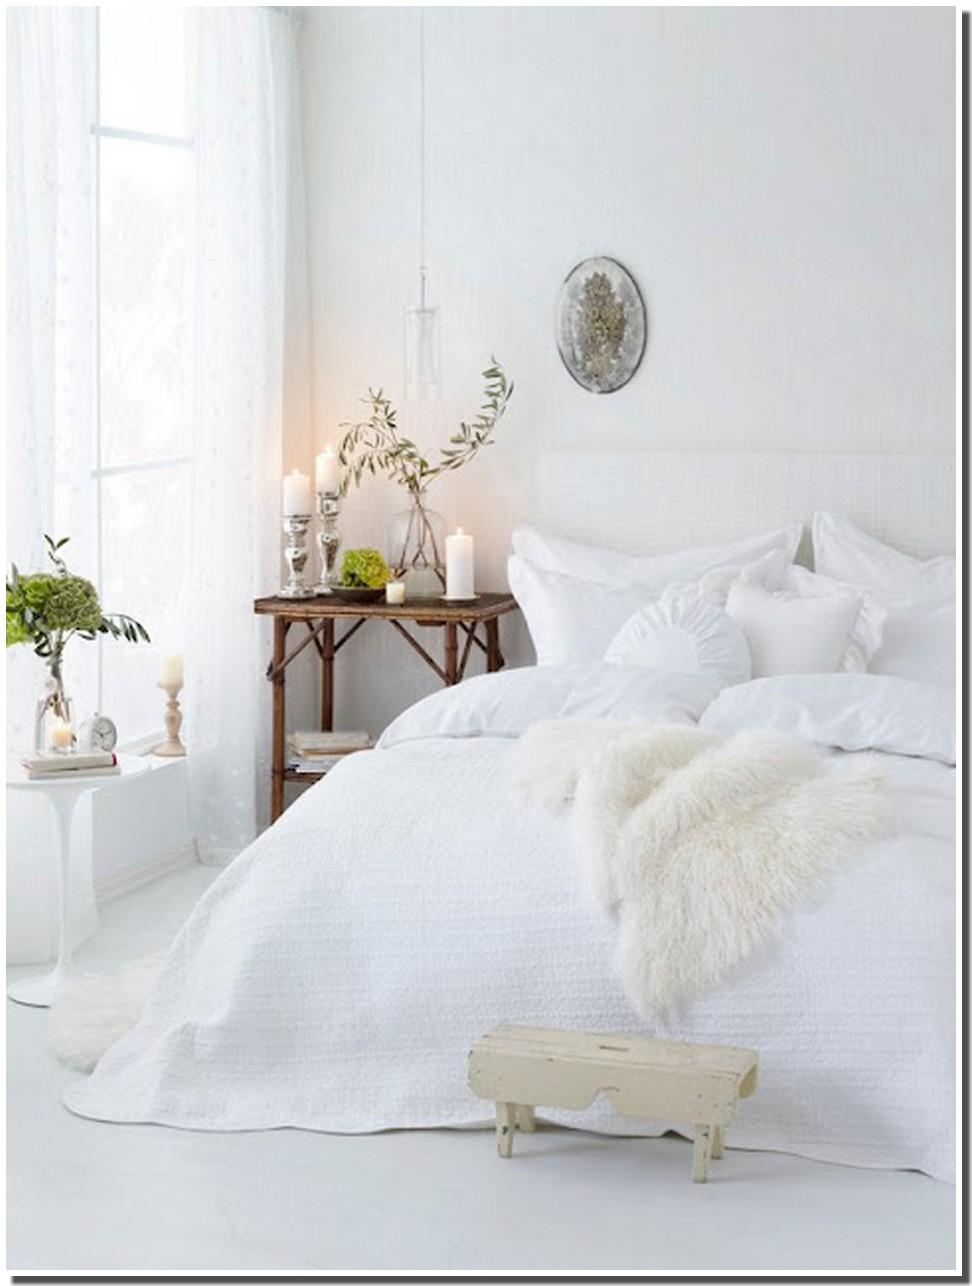 une chambre aux couleurs de l 39 hiver marchand de sable. Black Bedroom Furniture Sets. Home Design Ideas